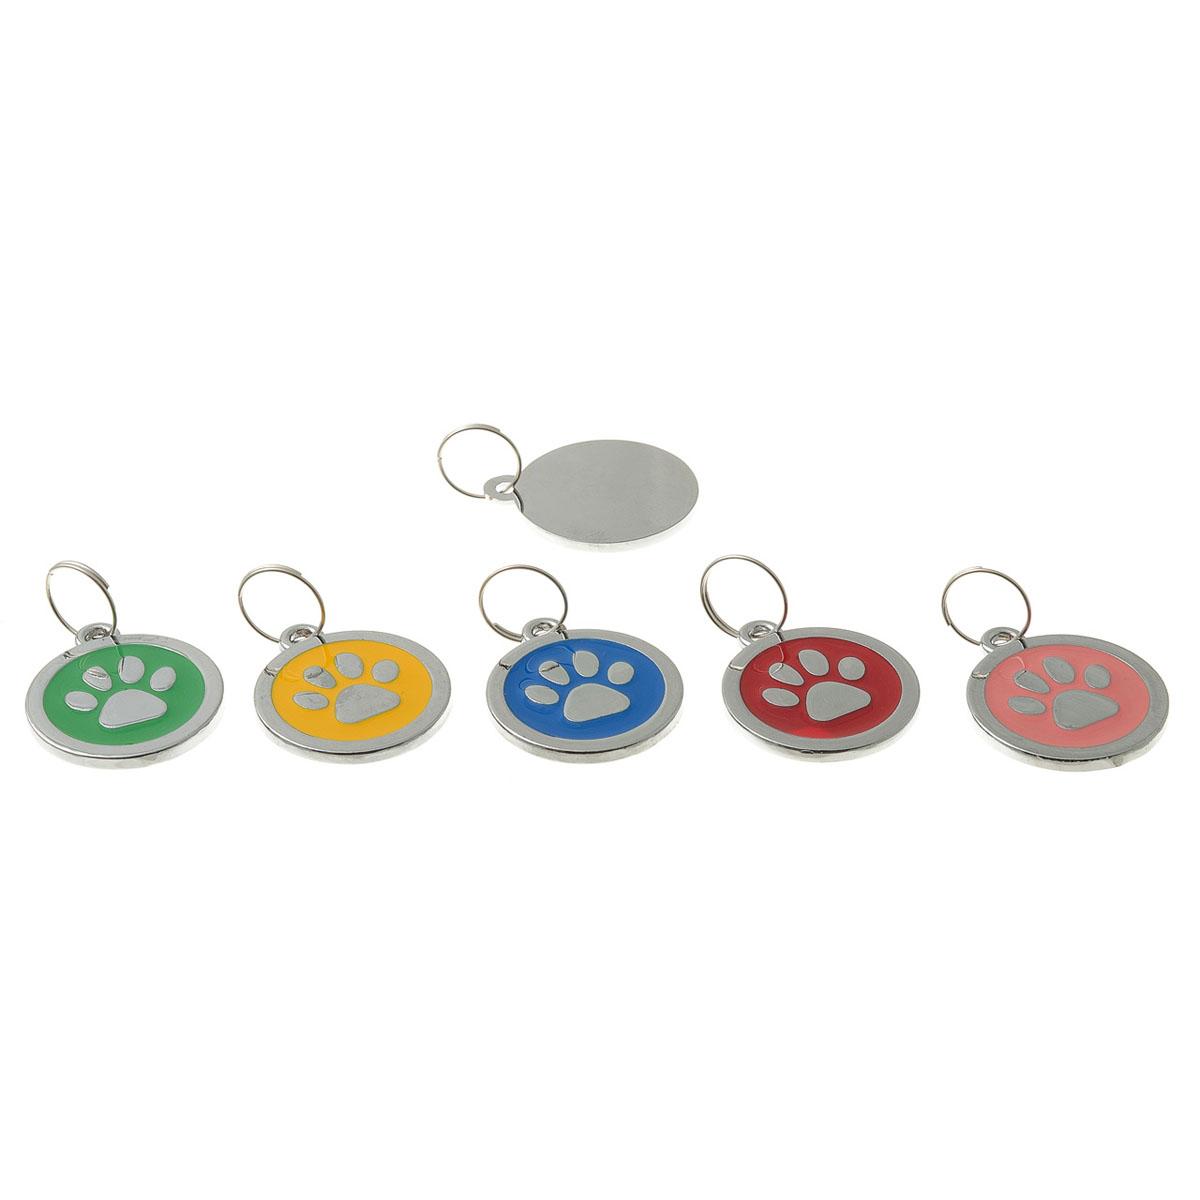 Адресник-лапка V.I.Pet, круглый, цвет: розовый, 25 мм. 1100111001Брелок на ошейник. Предназначено для животных в виде украшения, а также гравировки адреса и телефона владельца. Материал: нержавеющая сталь